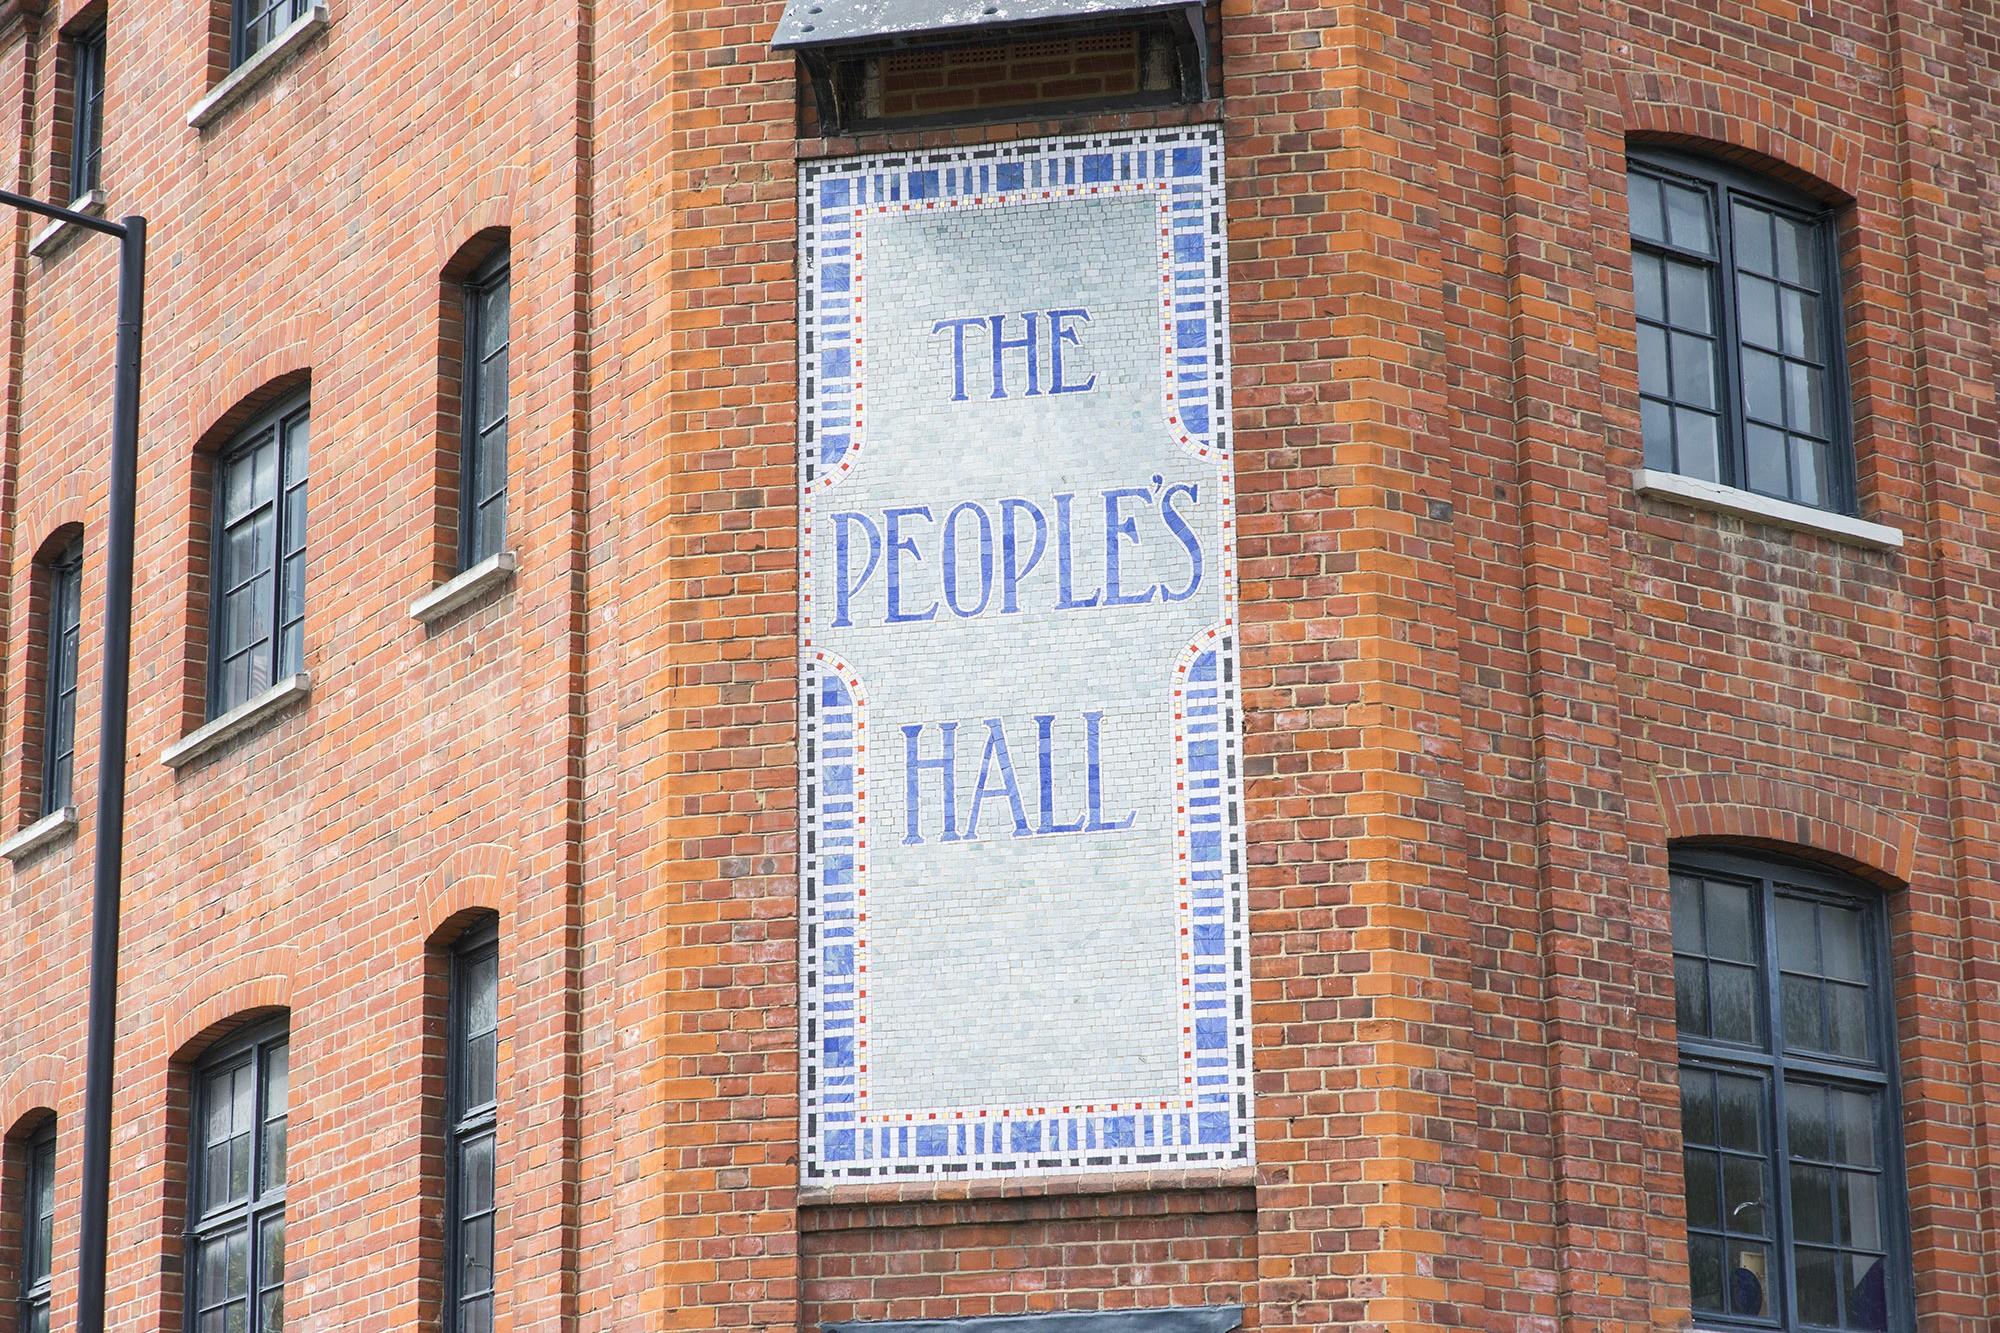 PeoplesHall.jpg